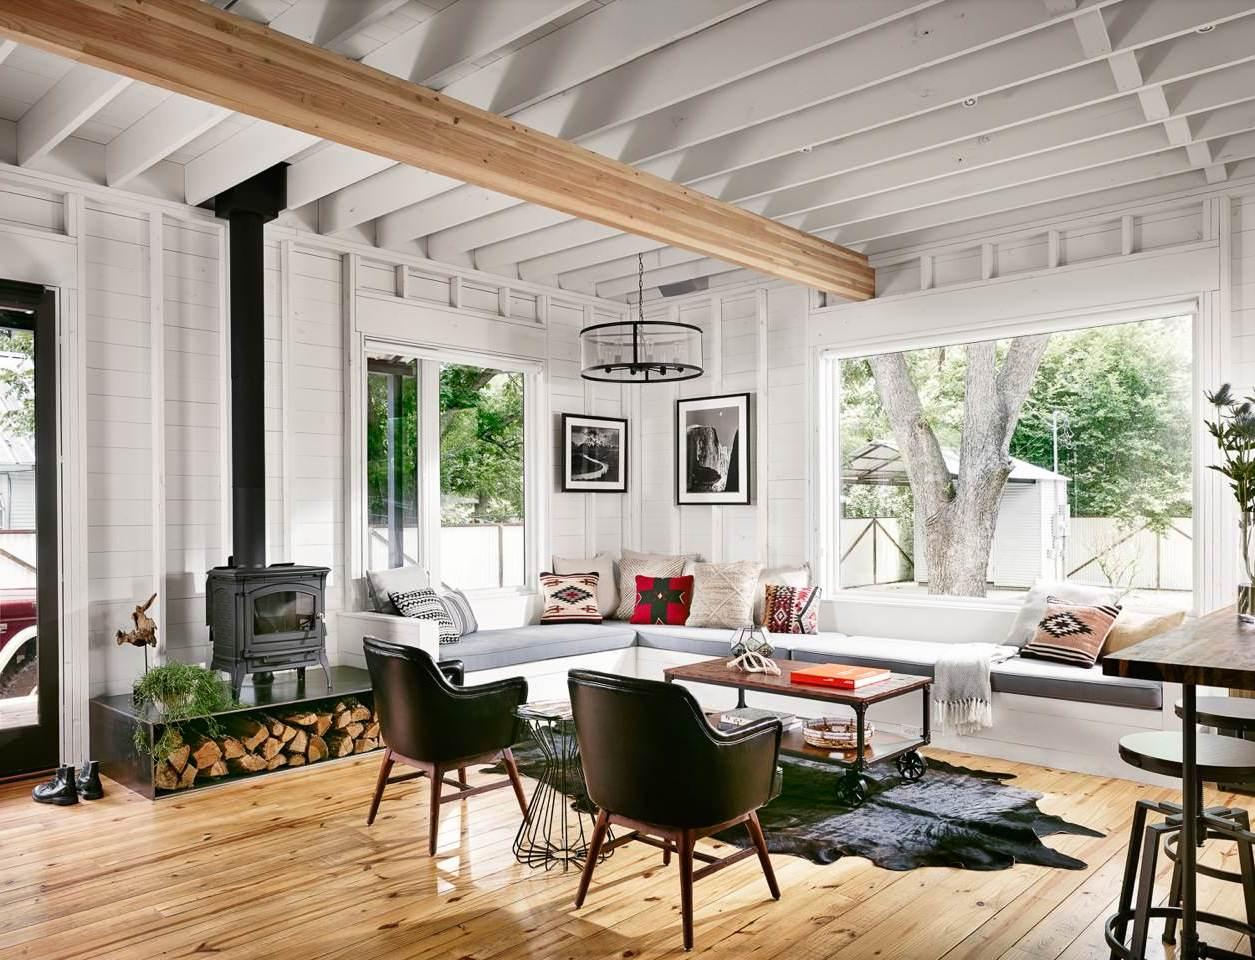 Eckbank Holz im Wohnzimmer